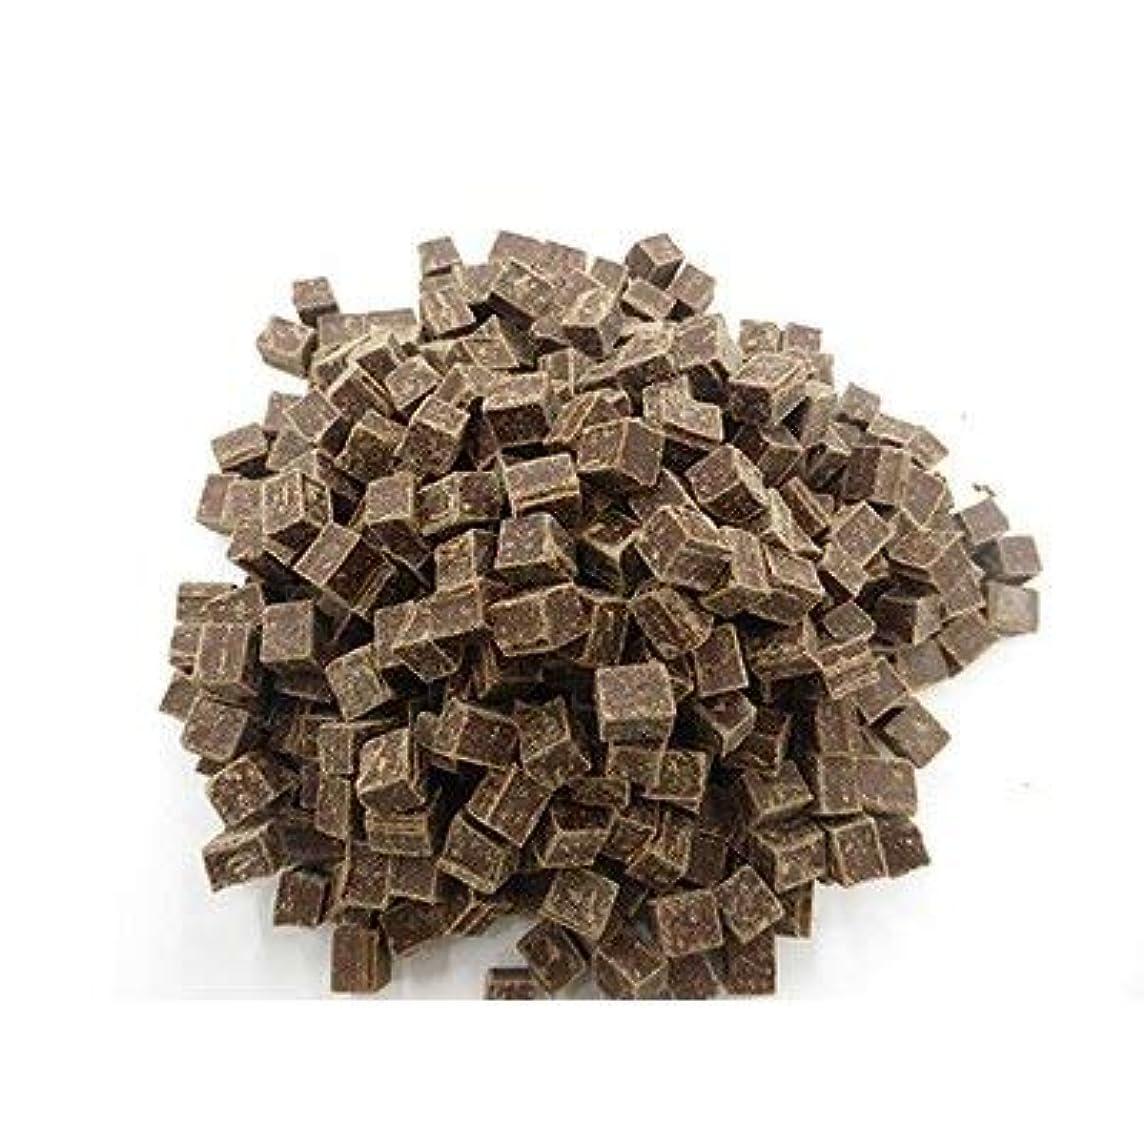 適格アンデス山脈かなりのcotta 森永ネオチョコチップ(チャンク状)200g